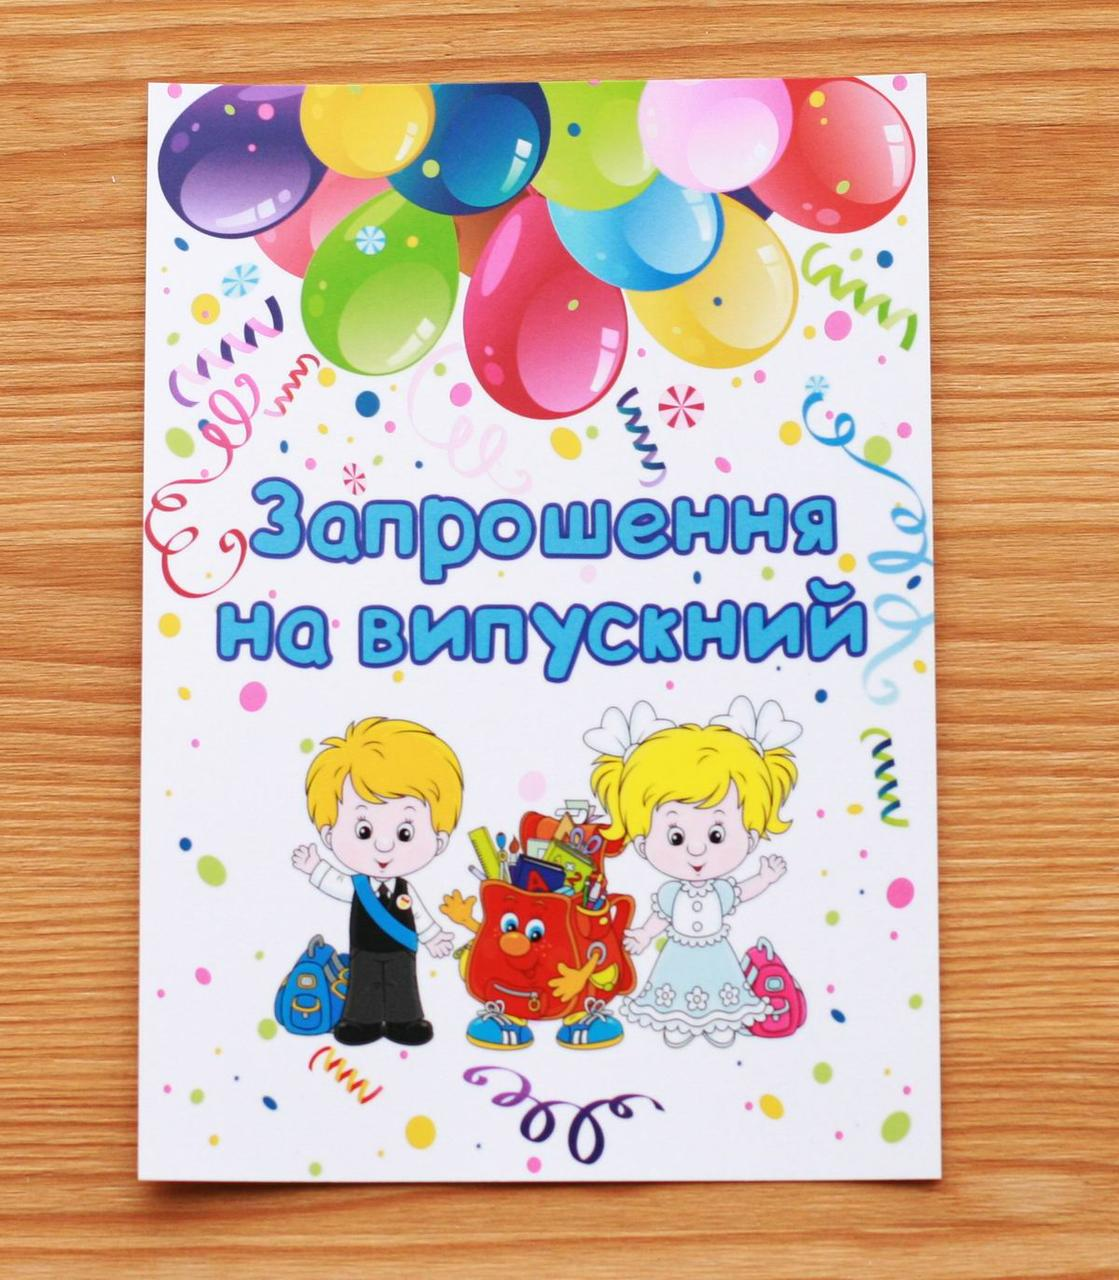 Пригласительные открытки на открытие детского сада